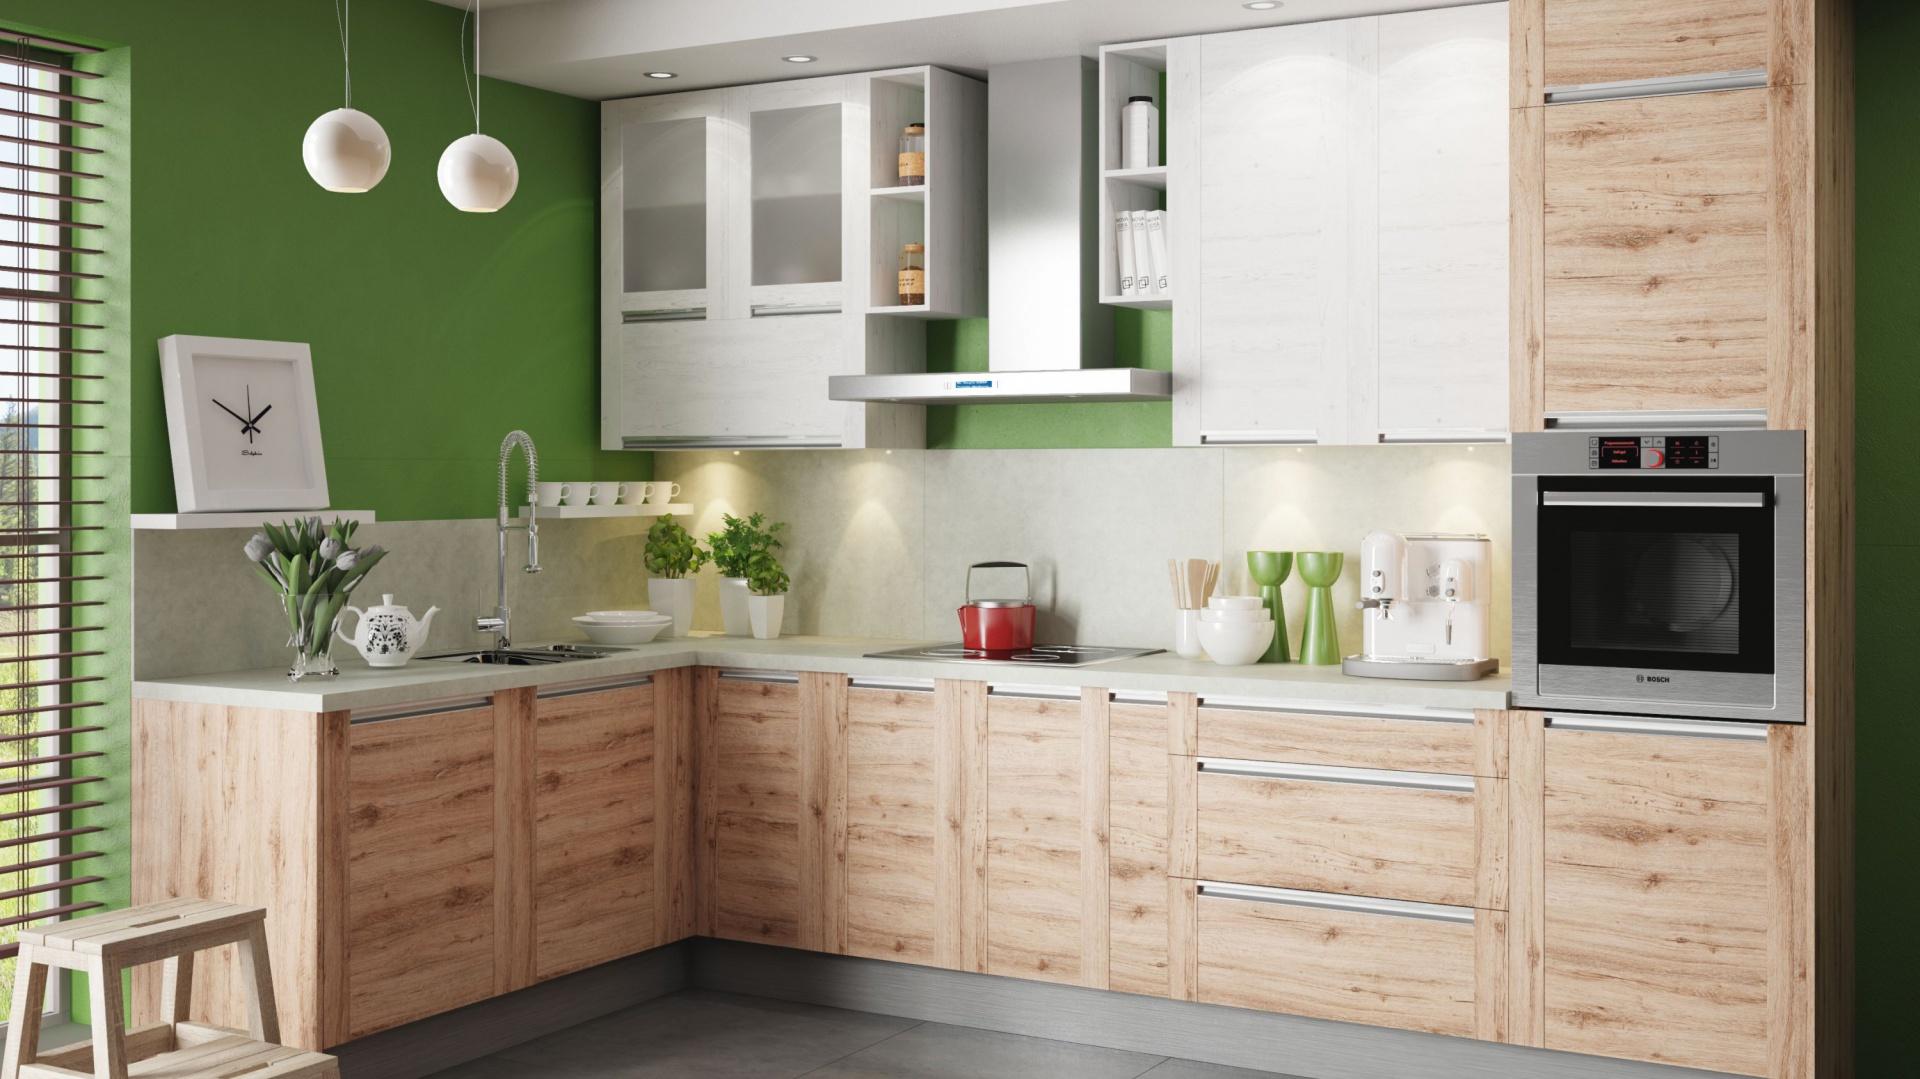 Kuchnia W Kolorze Drewna 12 Pięknych Zdjęć